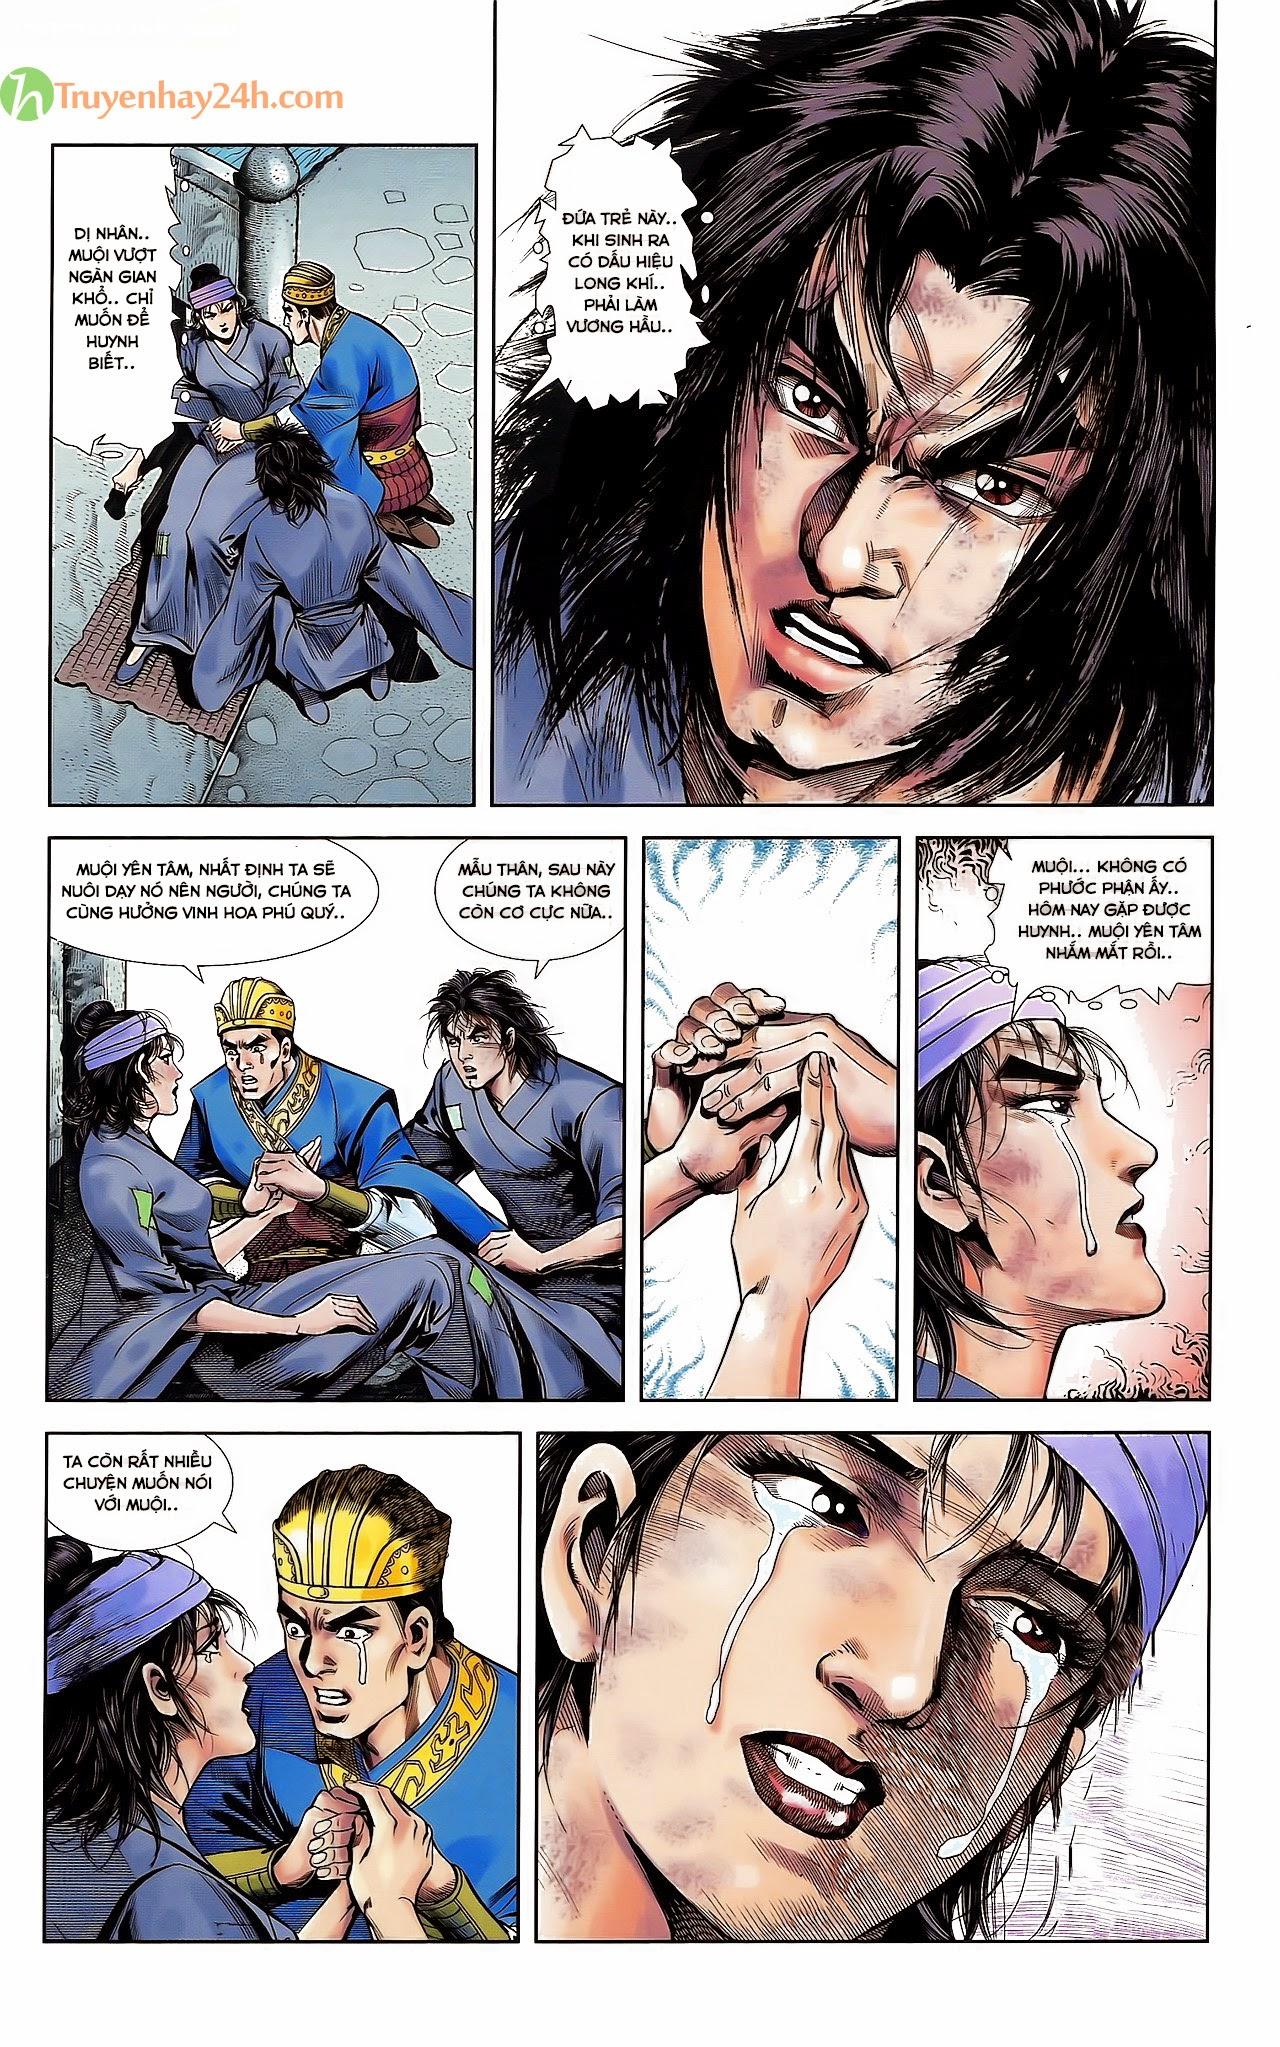 Tần Vương Doanh Chính chapter 30 trang 8